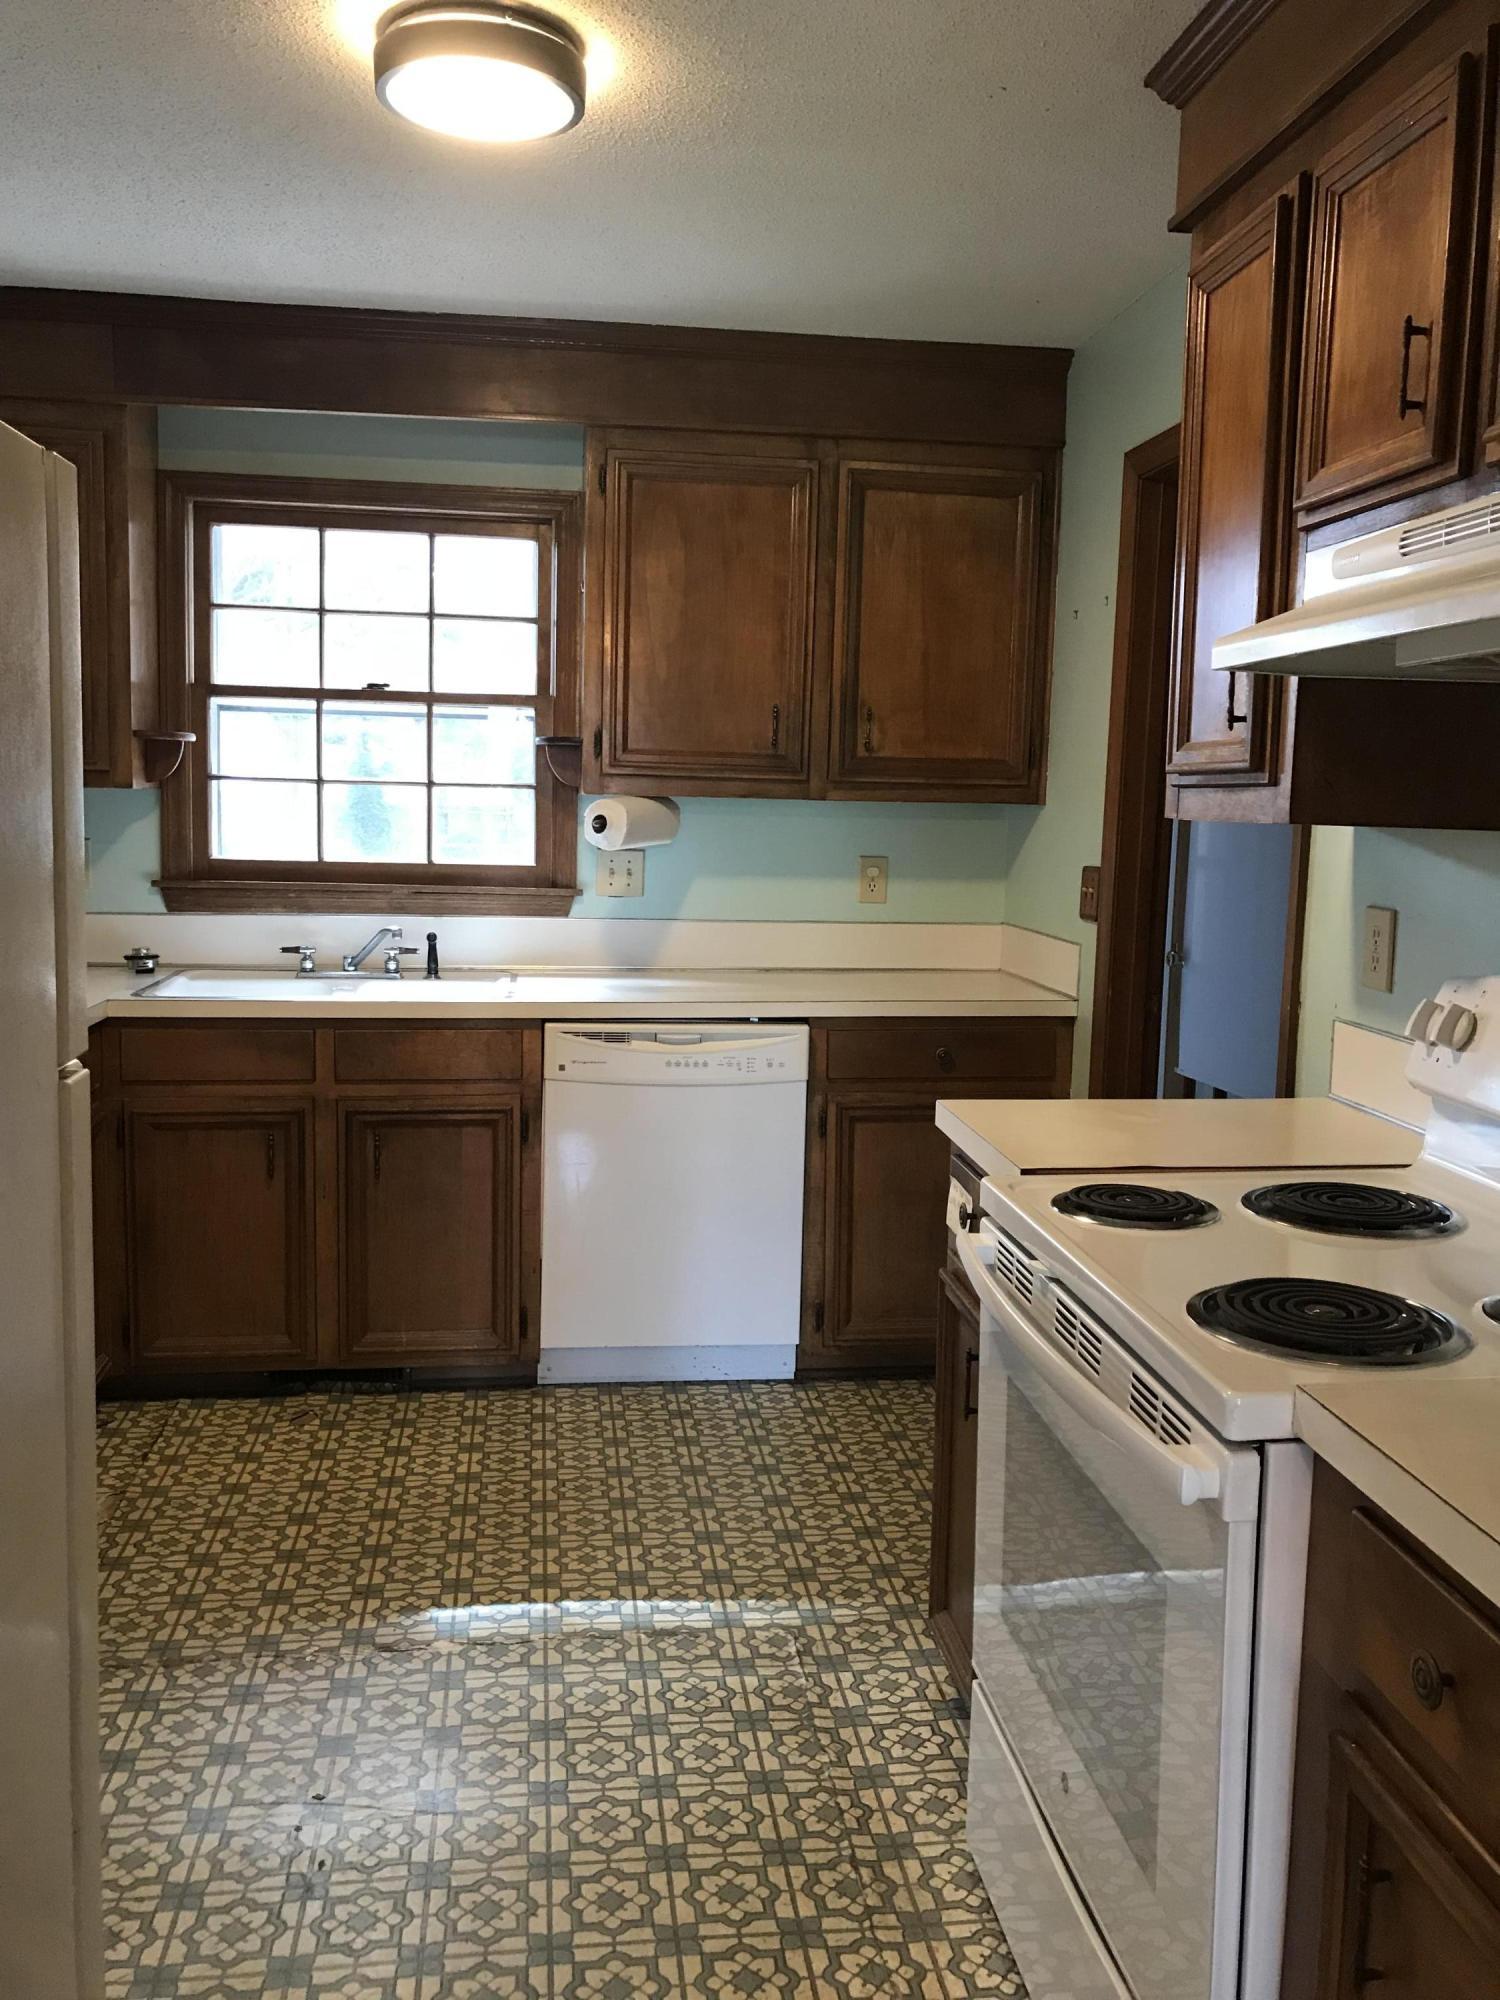 St James Estates Homes For Sale - 103 Westminster, Goose Creek, SC - 27